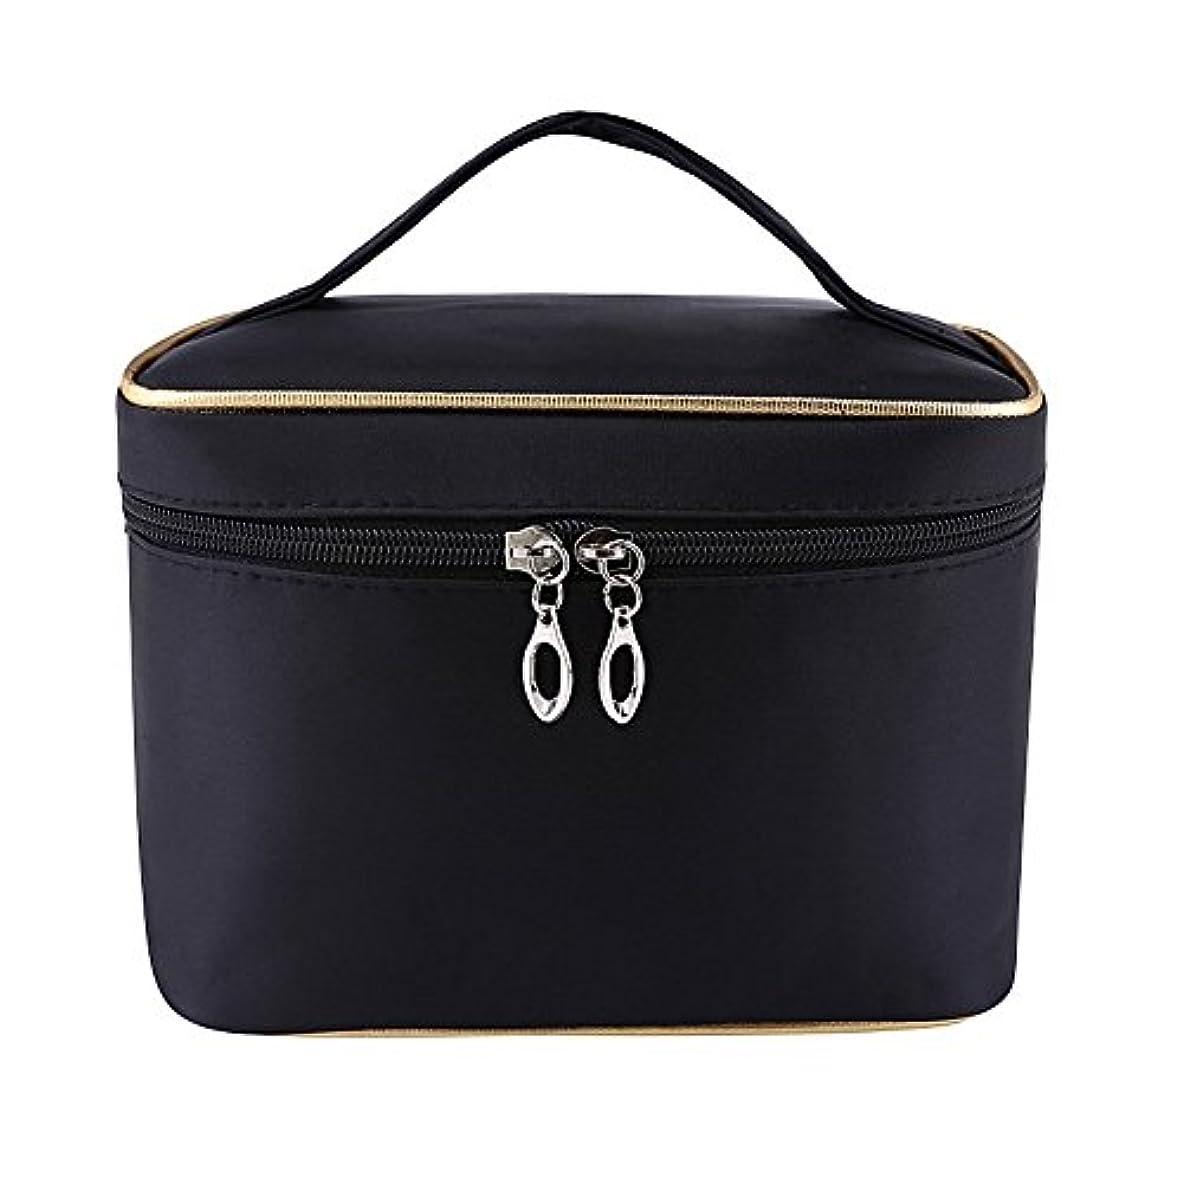 ユニークな広告彼のDRASAWEE(JP)レディース 大容量 コスメボックス 防水化粧バッグ 鏡付き 収納ケース 便利 ダブルファスナー メイクポーチ 小物入れ ブラック